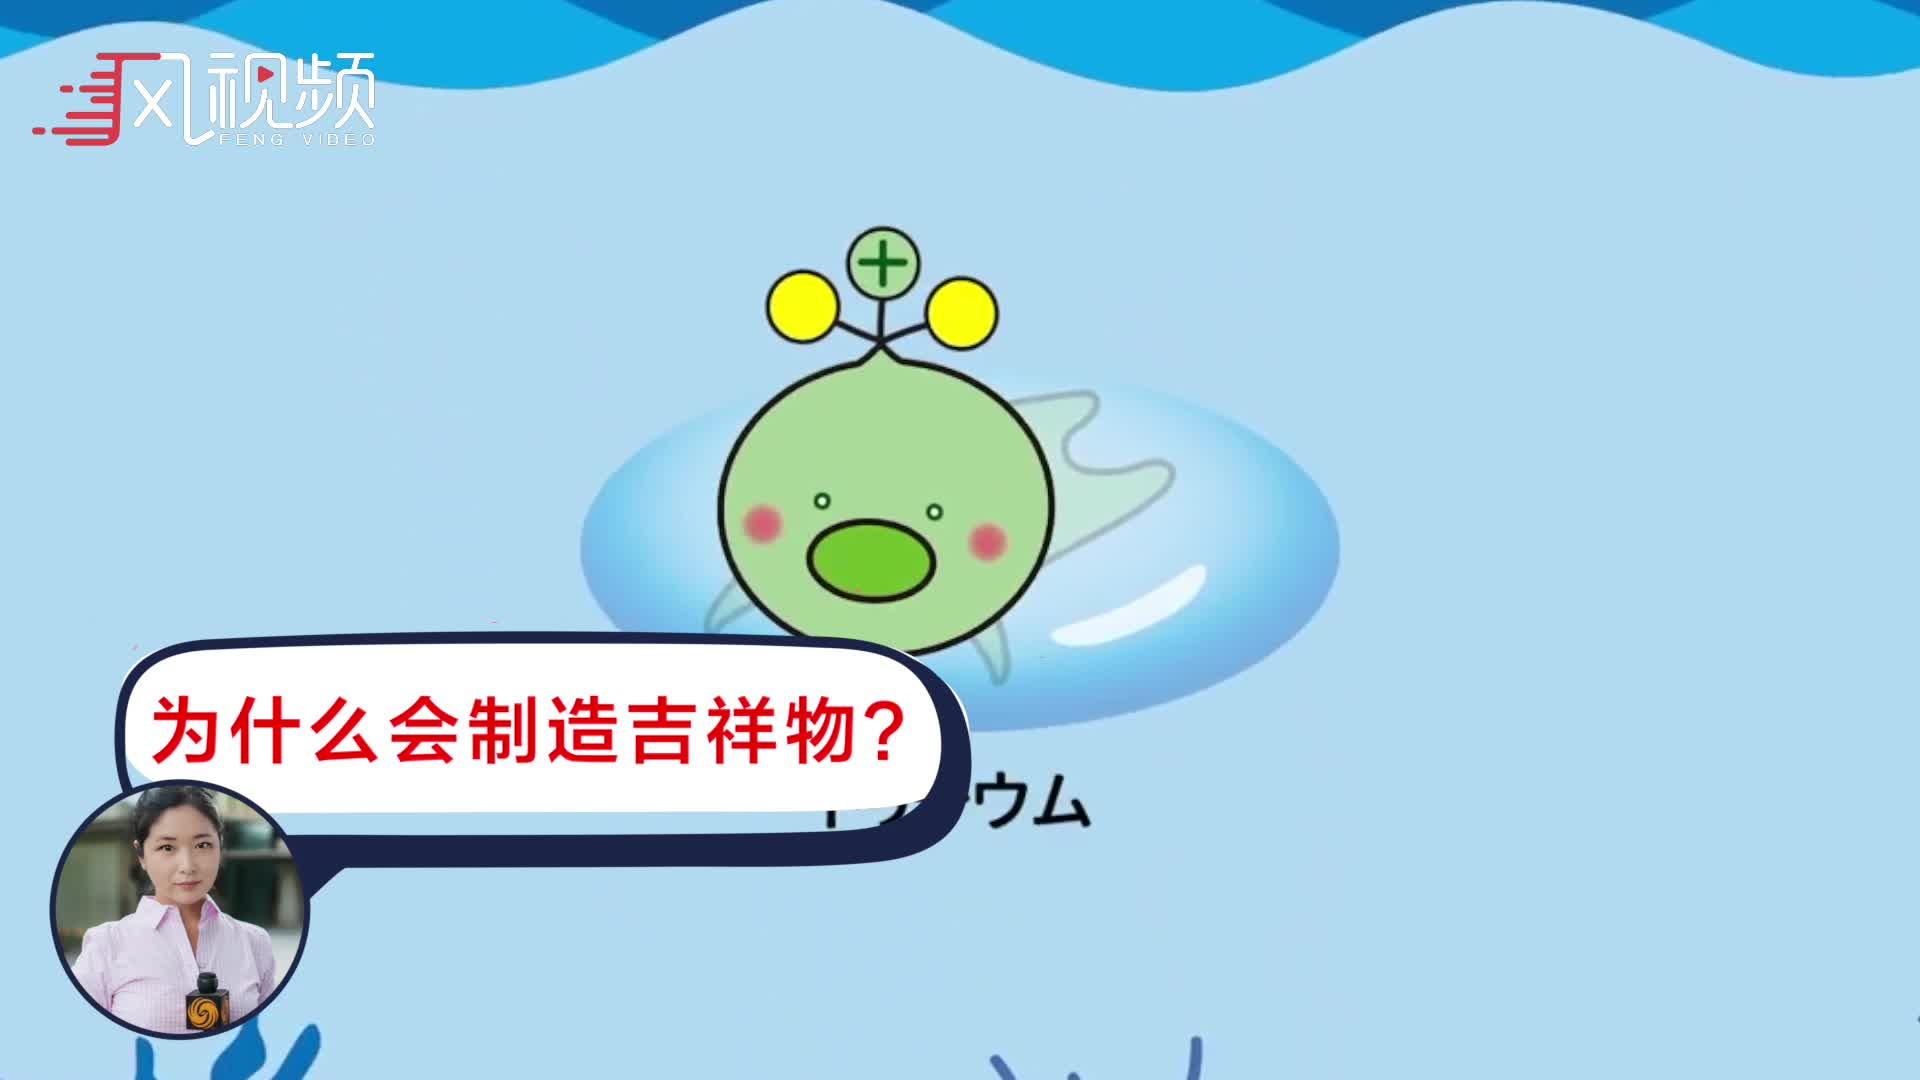 """日本设计""""氚吉祥物""""宣传污水无害 日本官员:不知道依据"""